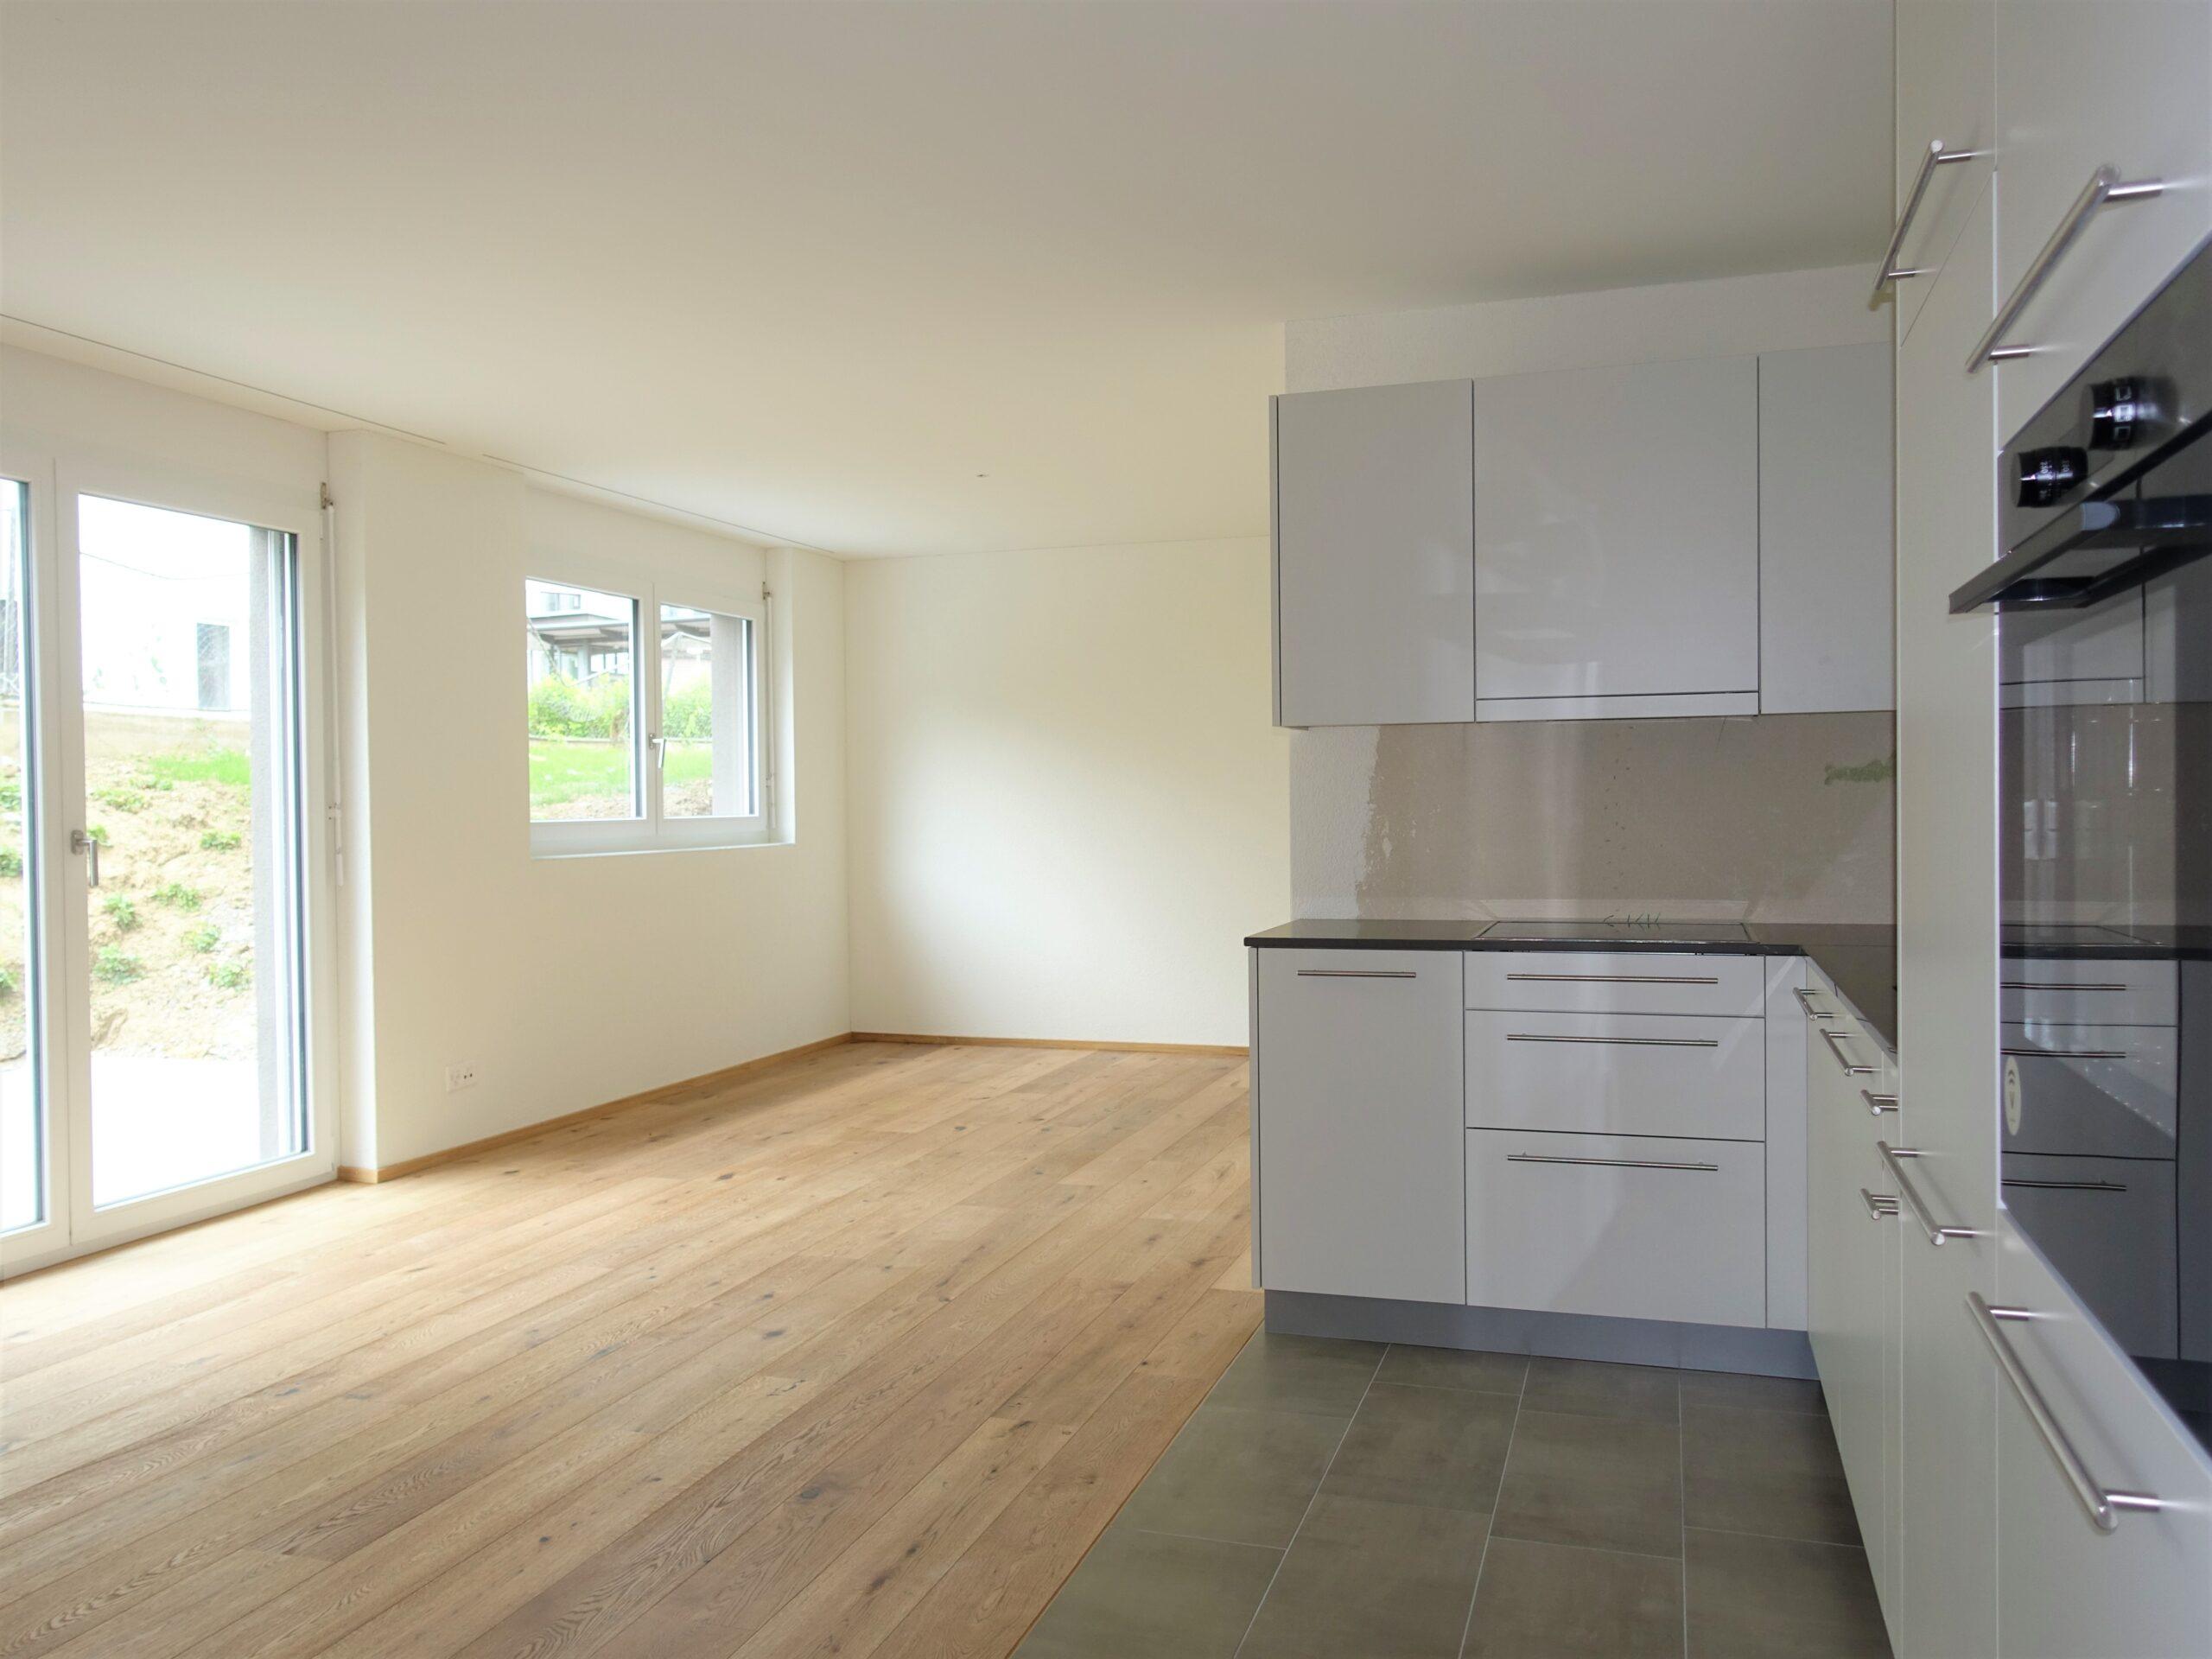 Erstvermietung Unterkulm, attraktive 2.5 Zimmer Wohnung im Erdgeschoss mit Sitzplatz